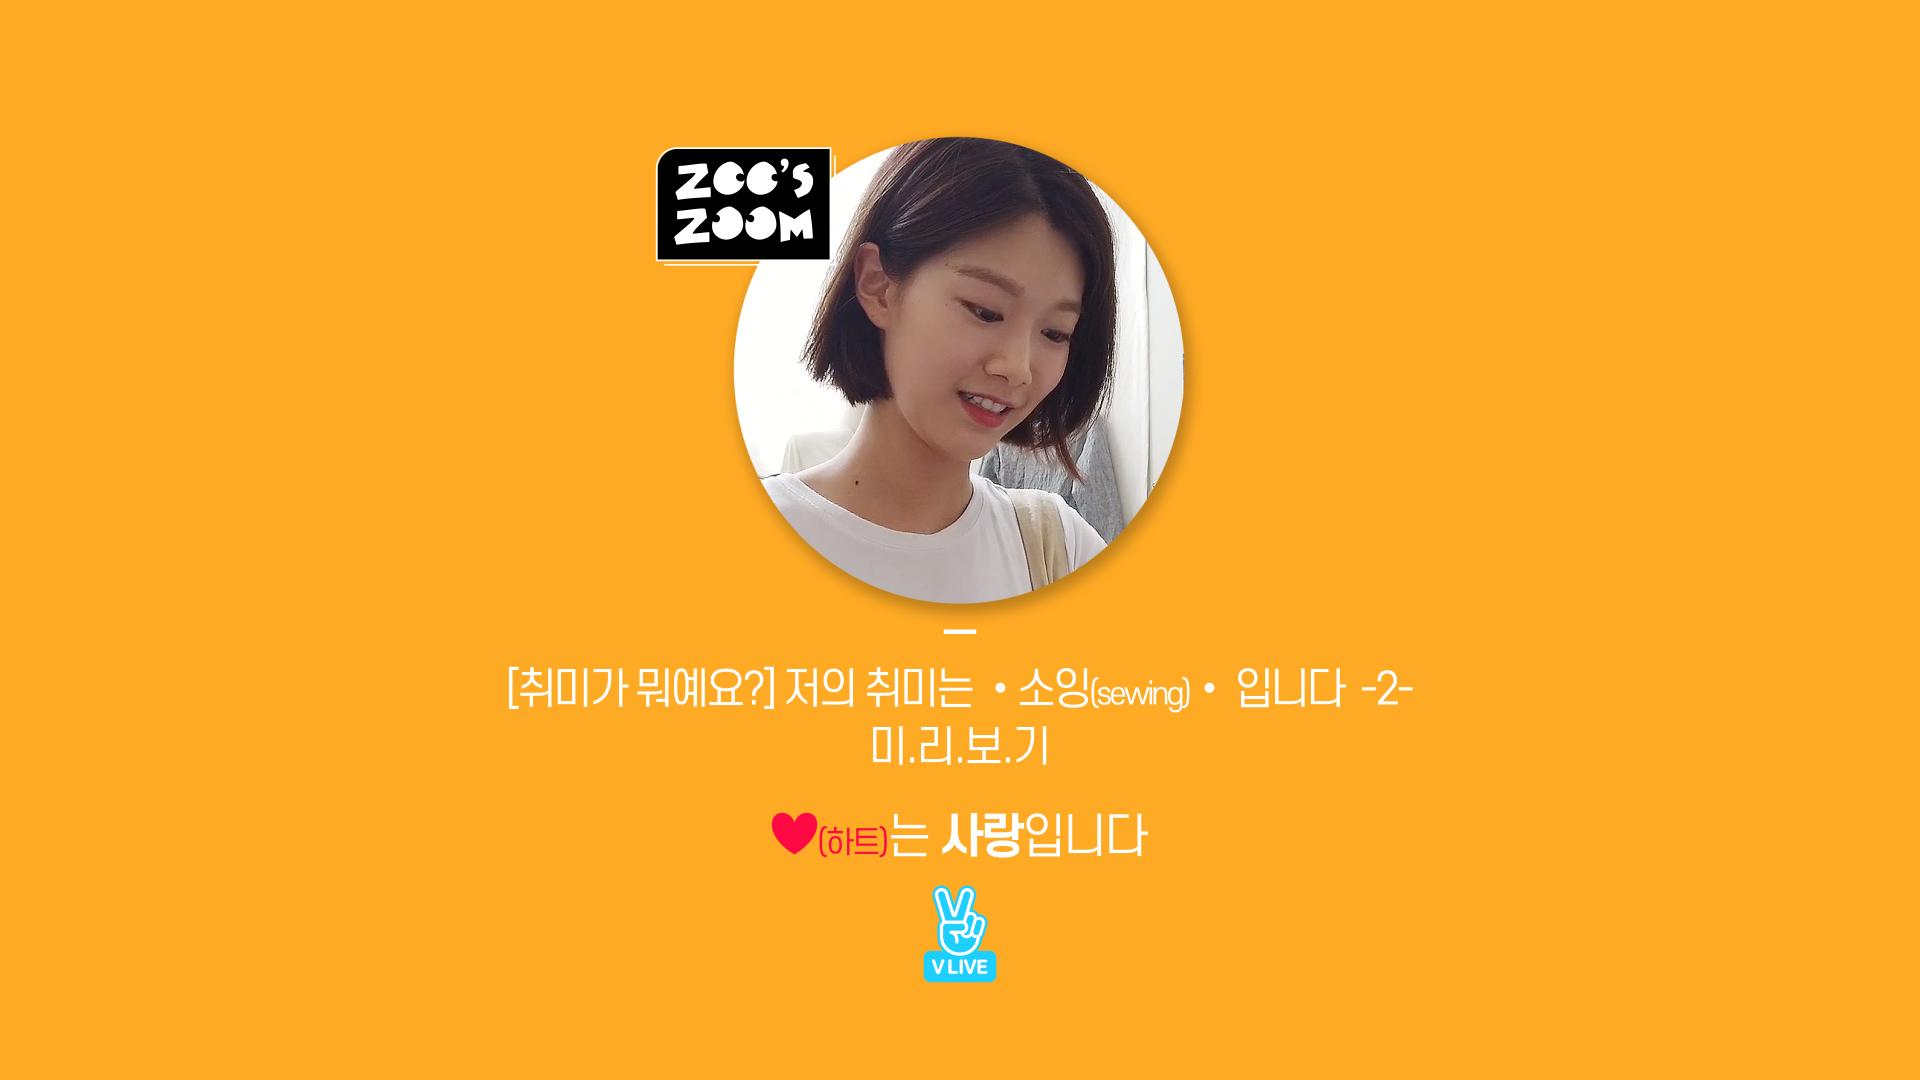 [이주우] zoo's zoom ep.30 저의 취미는 •소잉• 입니다 part.2